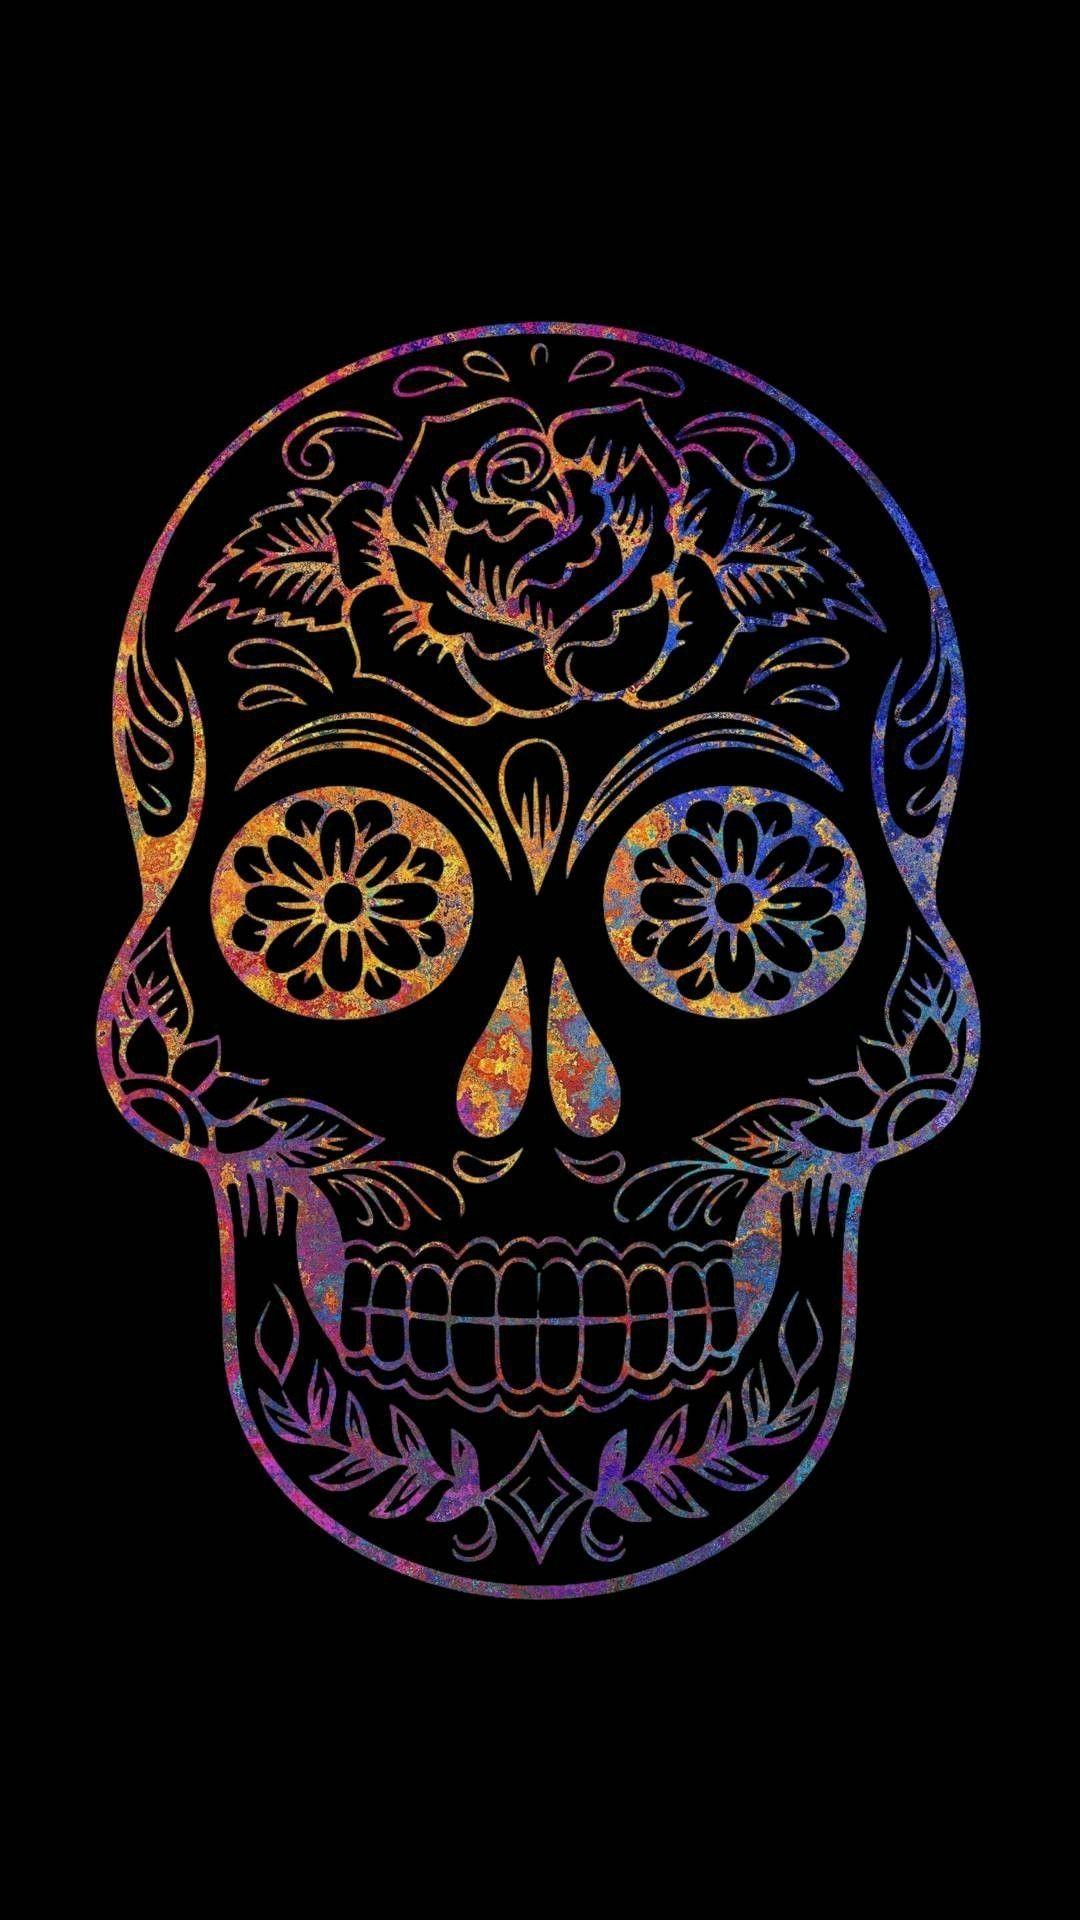 Feminine Sugar Skull Wallpaper Mobile Skull Wallpaper Sugar Skull Wallpaper Skull Pictures